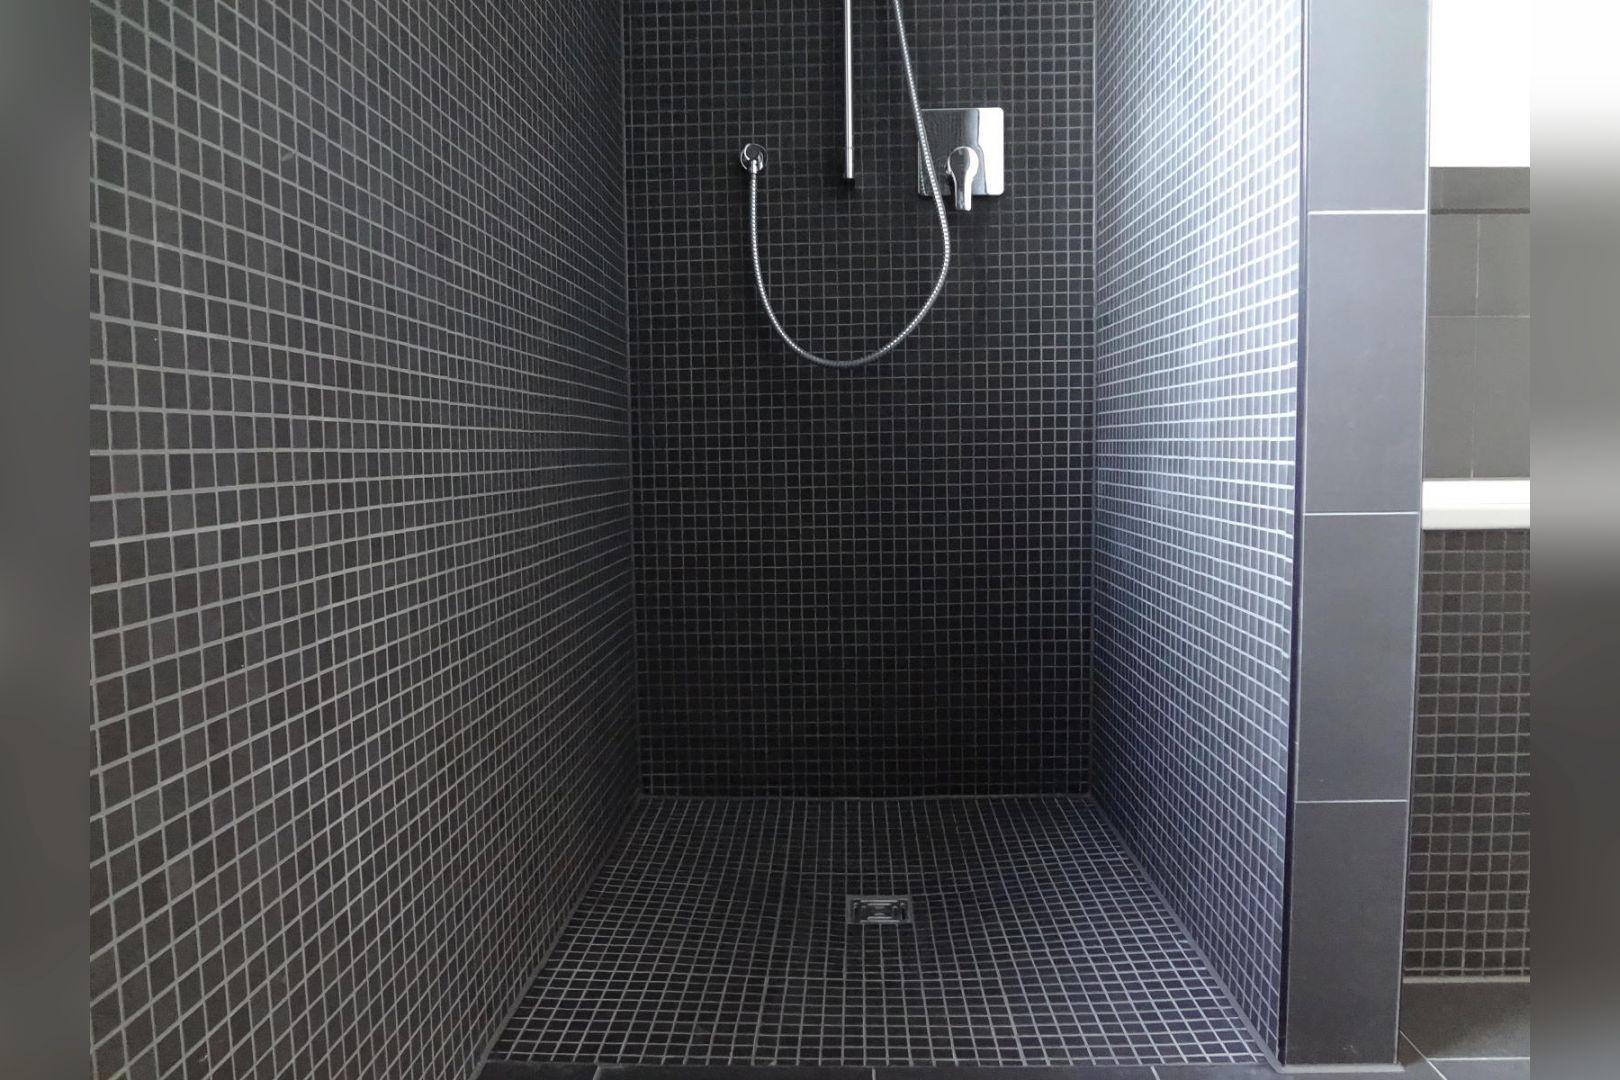 Immobilie Nr.0285 - 3-Zimmer-Maisonettewohnung mit Dachterrasse und TG-Stellplatz - Bild 16.jpg